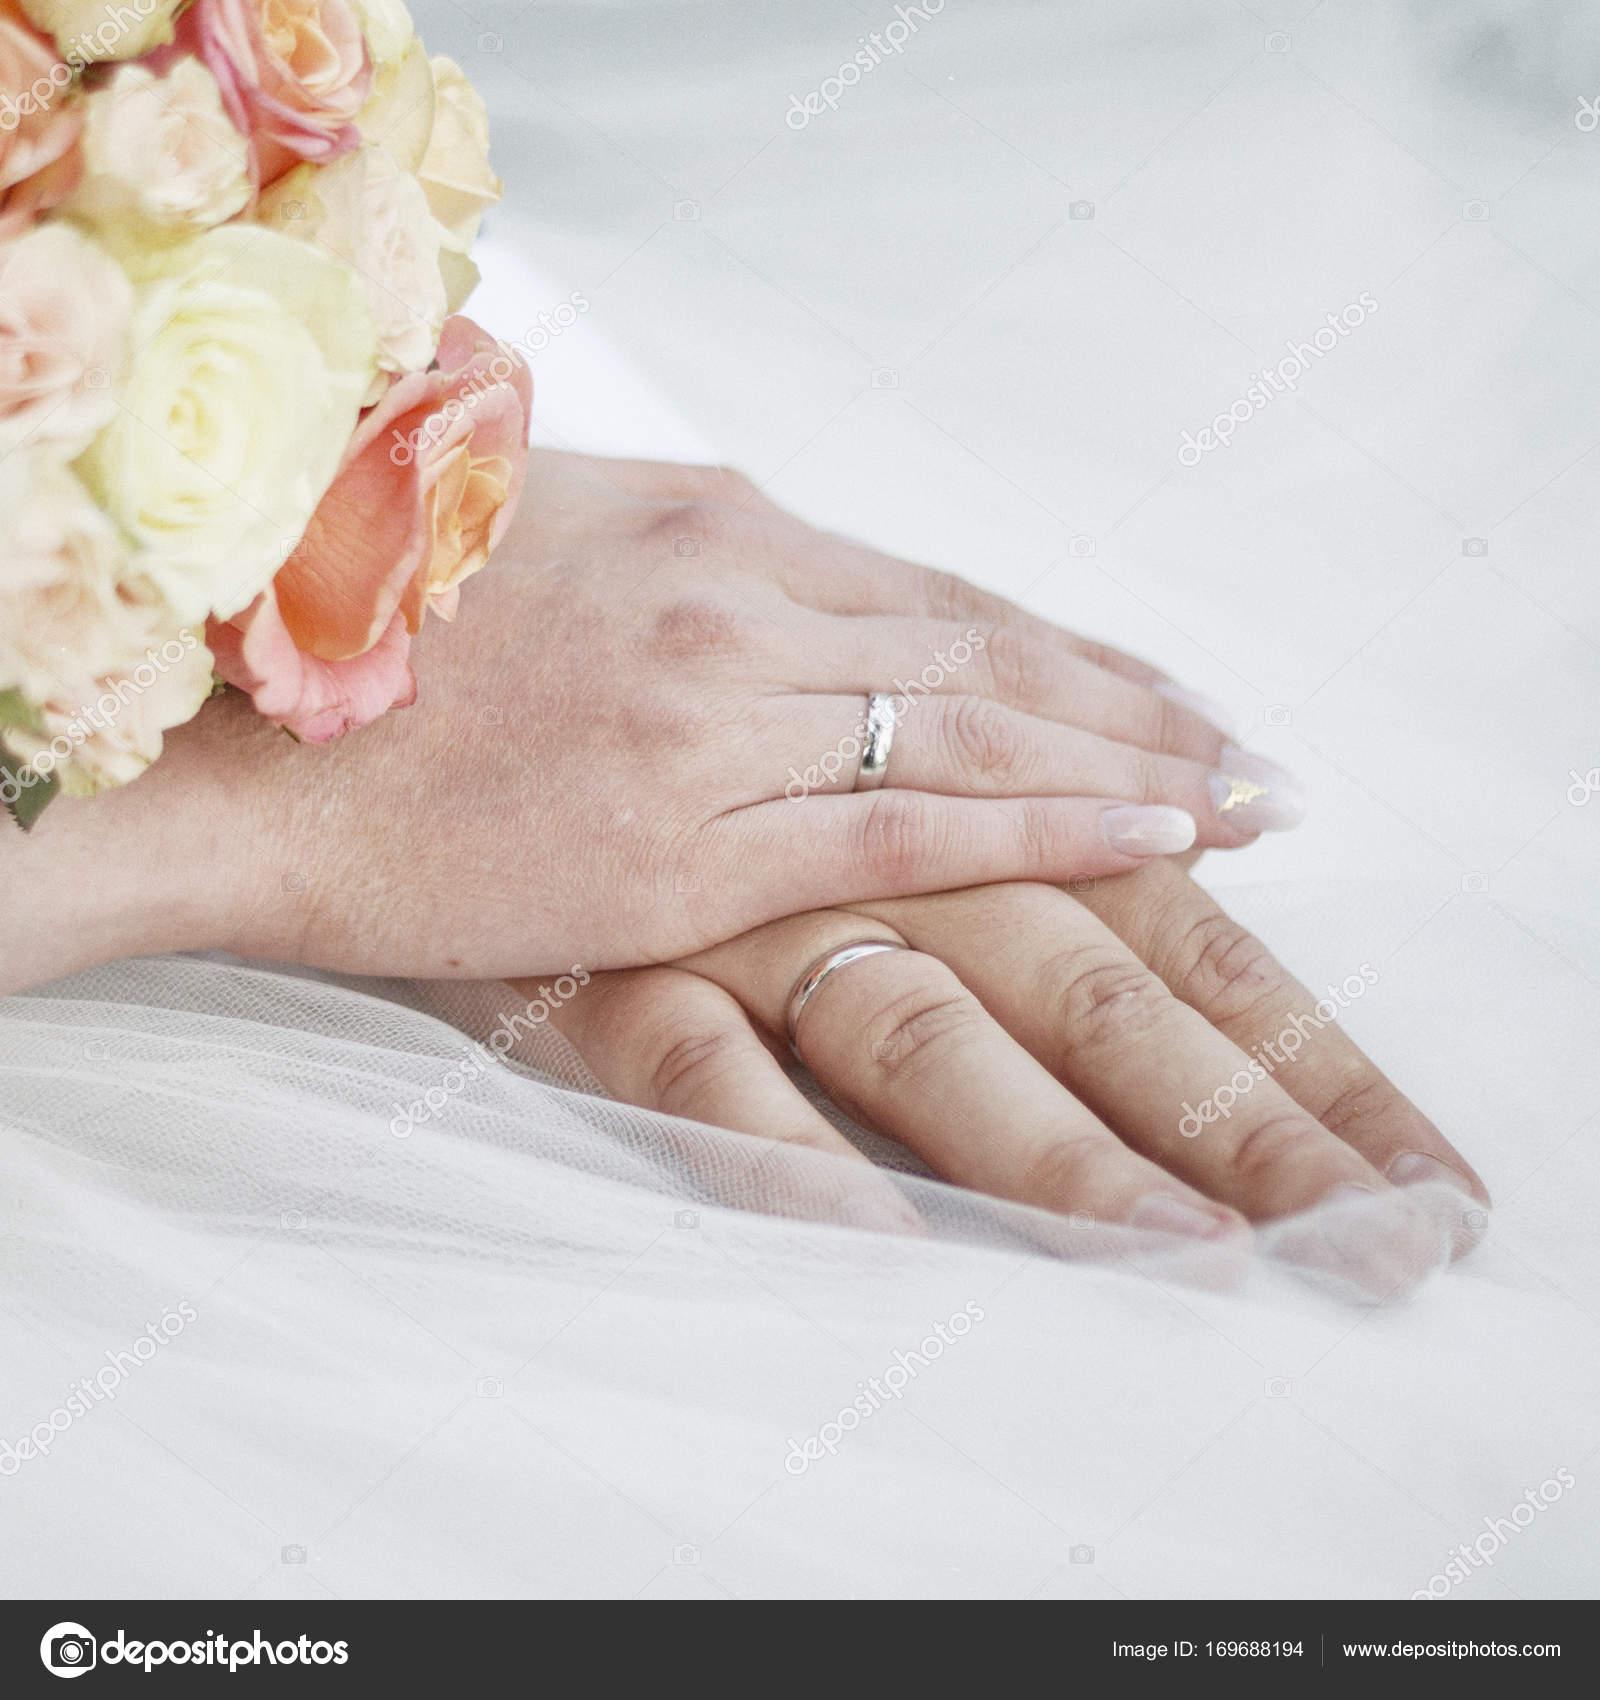 newlyweds hands with wedding rings. — Stock Photo © Ukususha #169688194